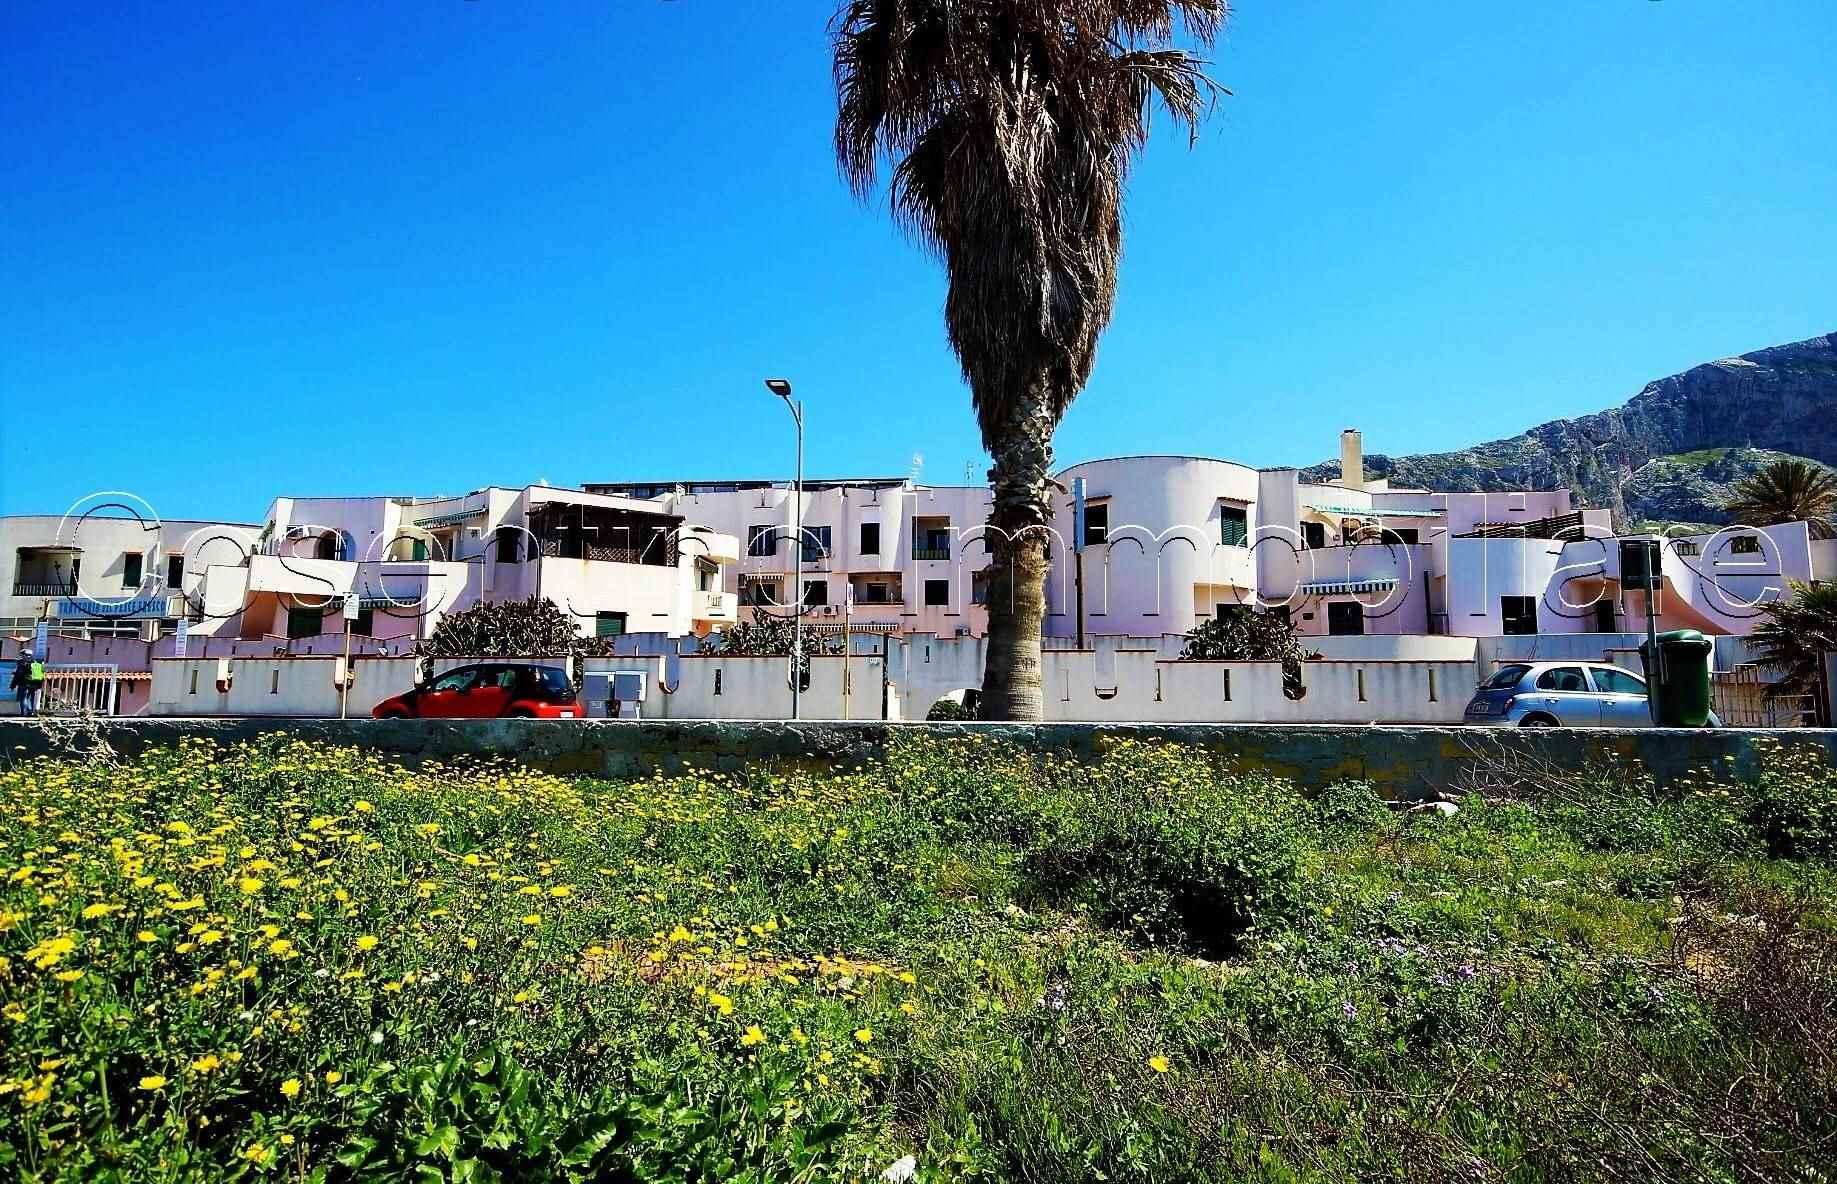 Appartamento in vendita a Isola delle Femmine, 2 locali, prezzo € 120.000 | CambioCasa.it